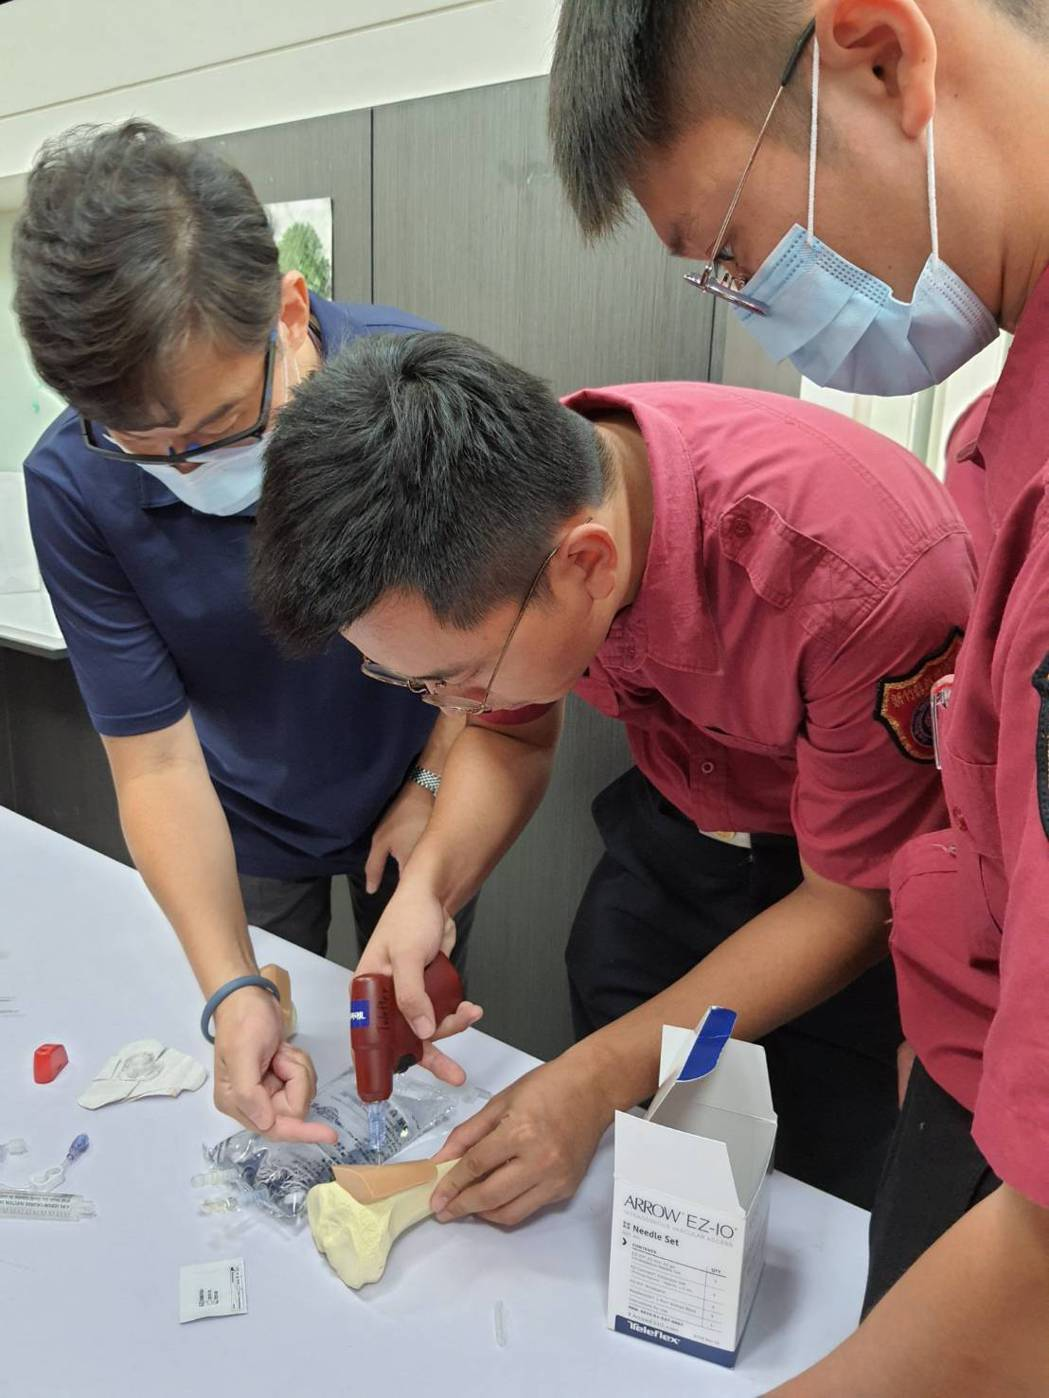 骨針對到院前的救護技術人員而言,有操作容易、成功率高等優點,根據統計,骨針在練習...